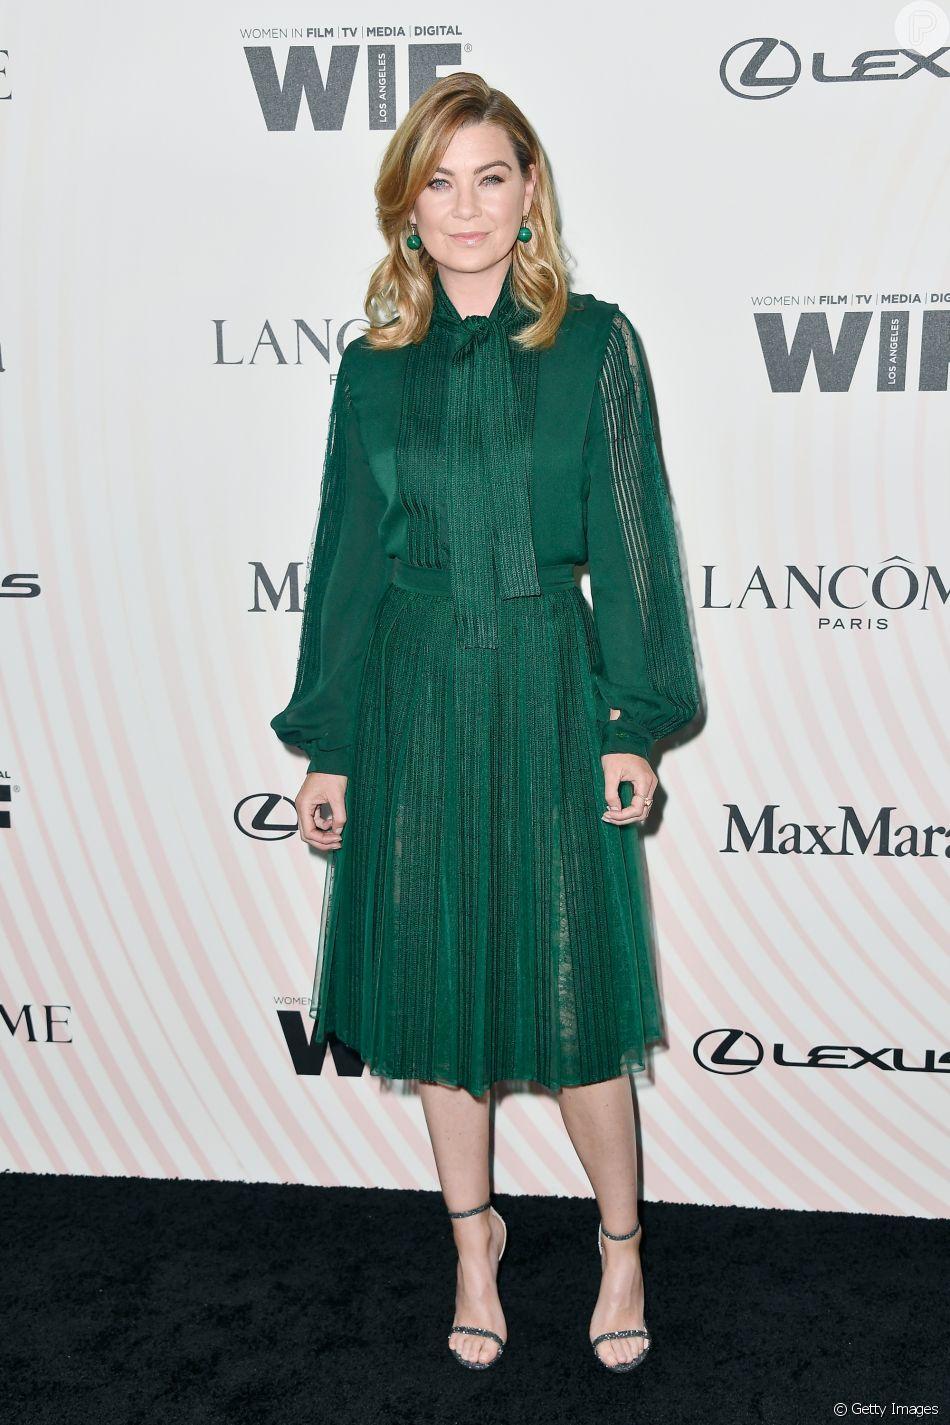 Ellen Pompeo, protagonista da série 'Grey's Anatomy', no Women In Film 2018 Crystal + Lucy Awards, promovido por Max Mara, Lancôme e Lexus no The Beverly Hilton Hotel, em Beverly Hills, na Califórnia, nesta quarta-feira, 13 de junho de 2018